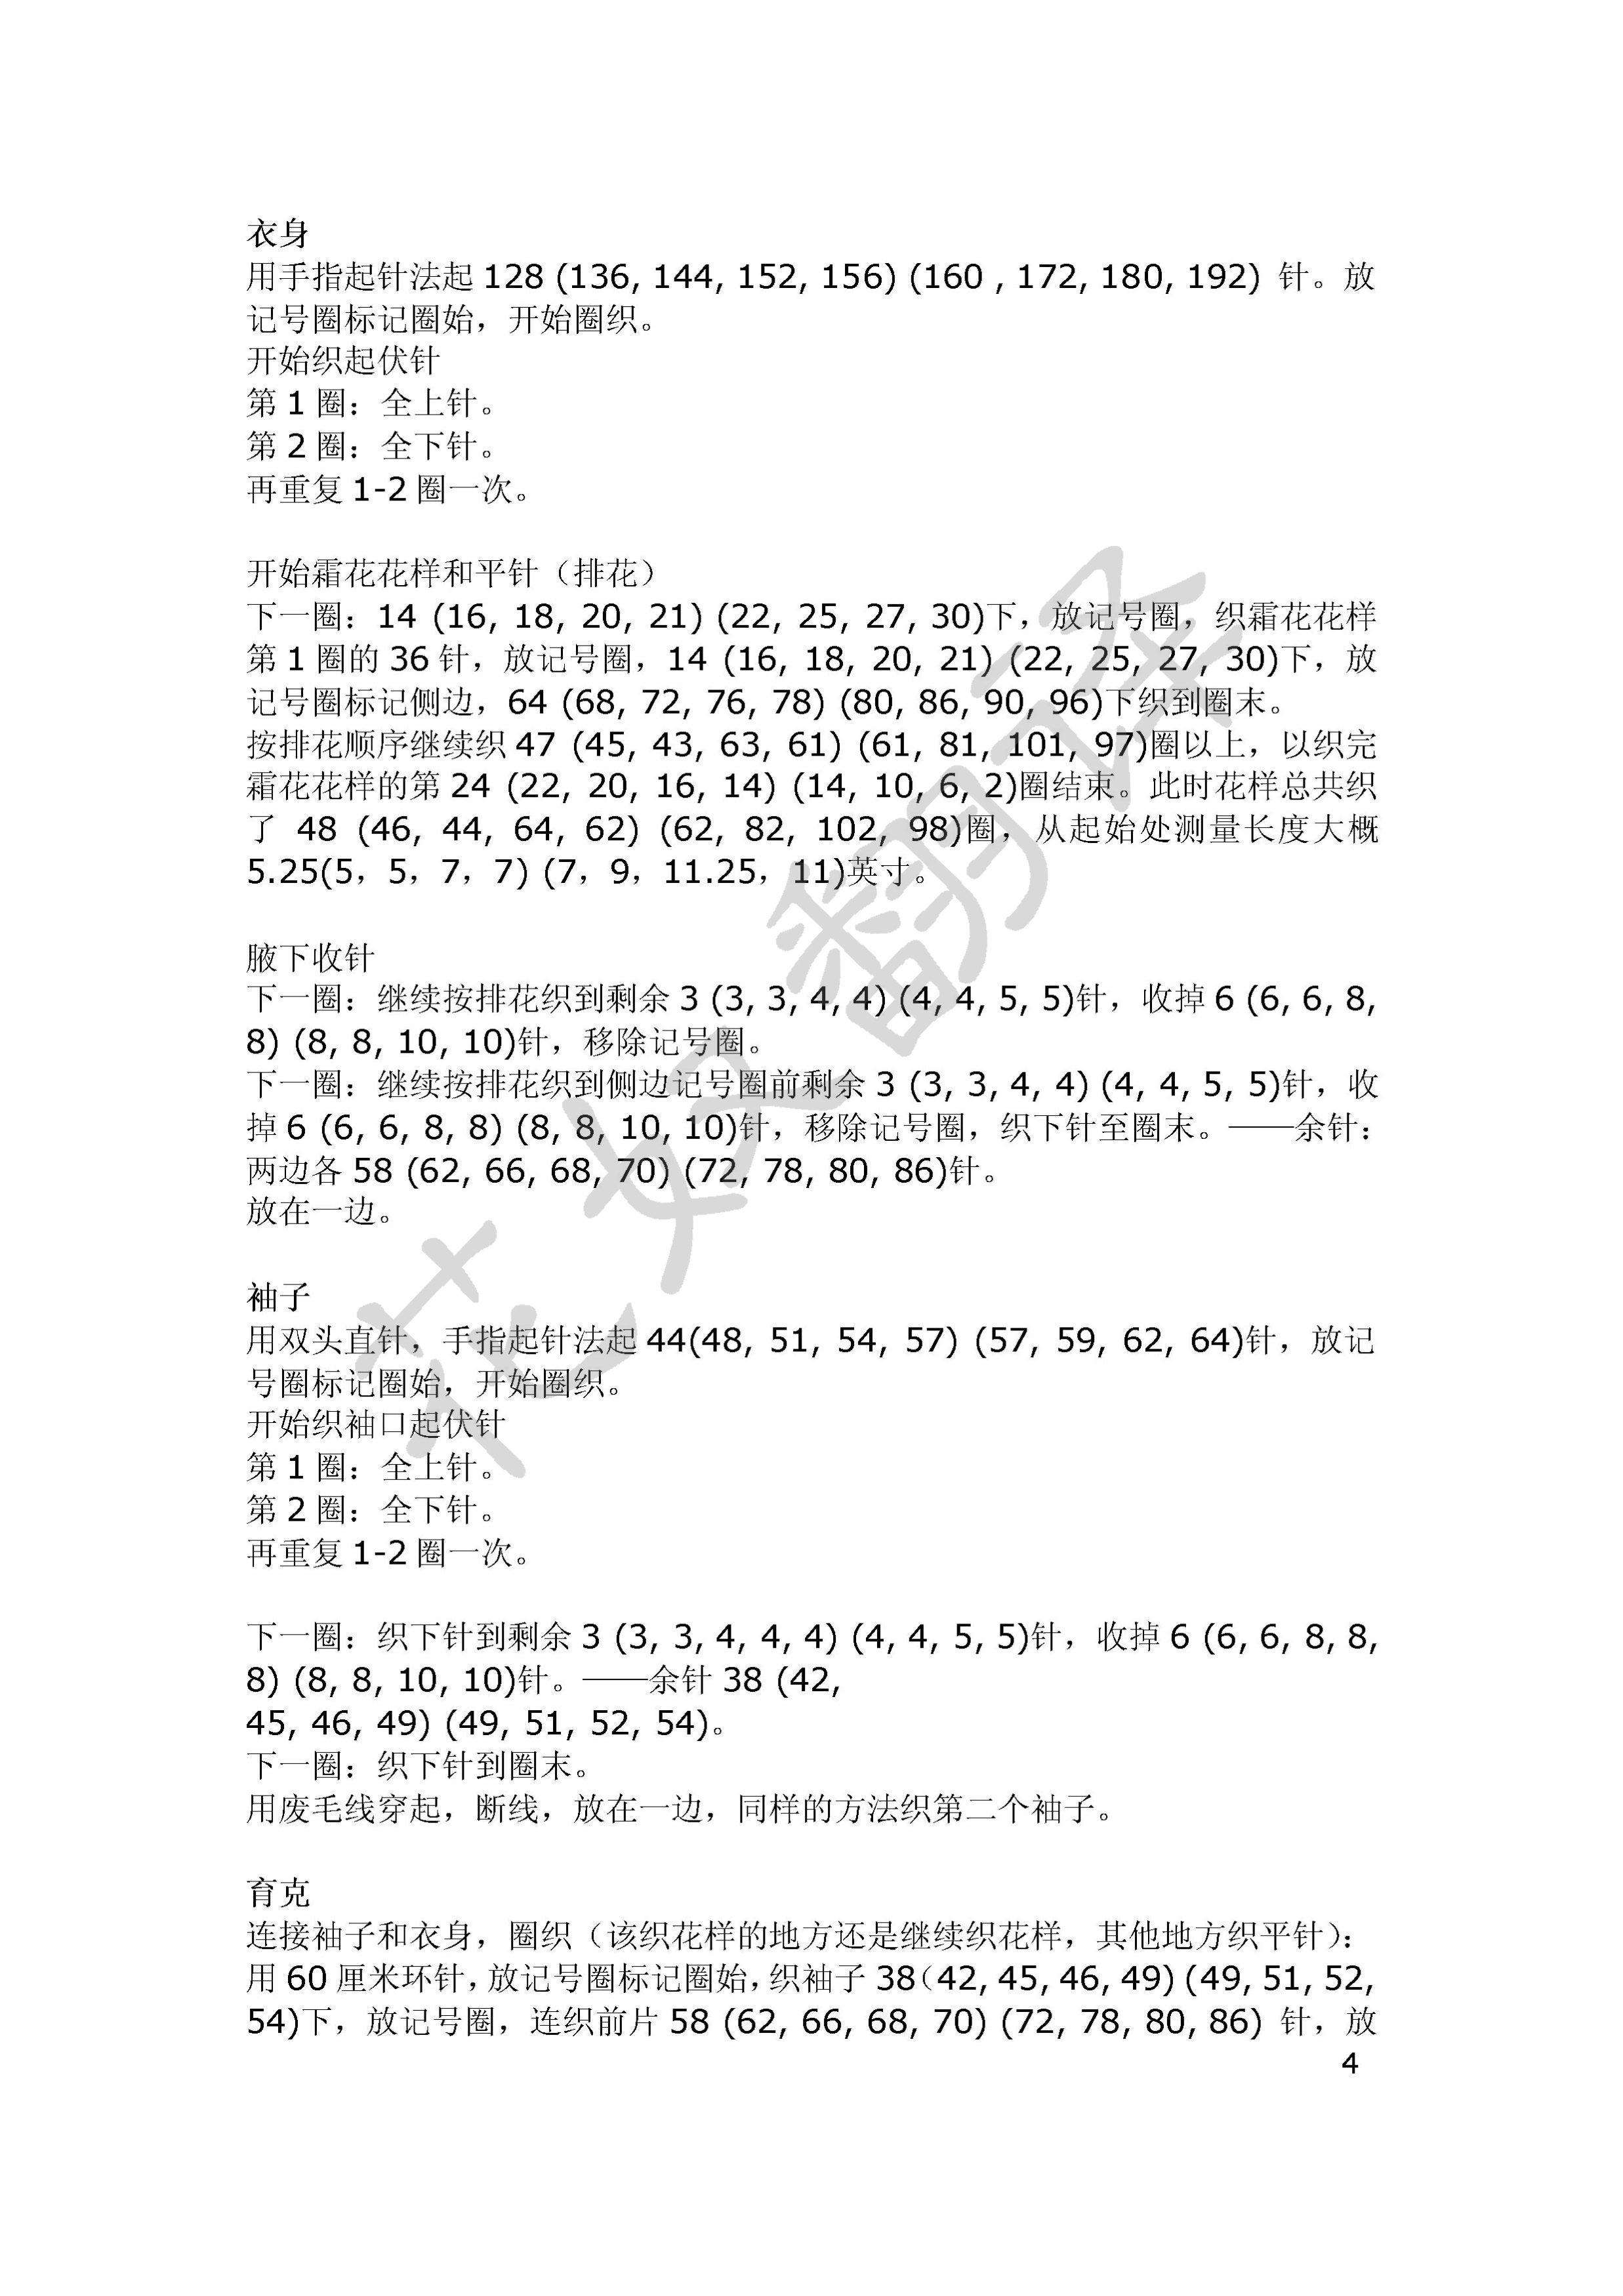 依米immie tee_4.jpg